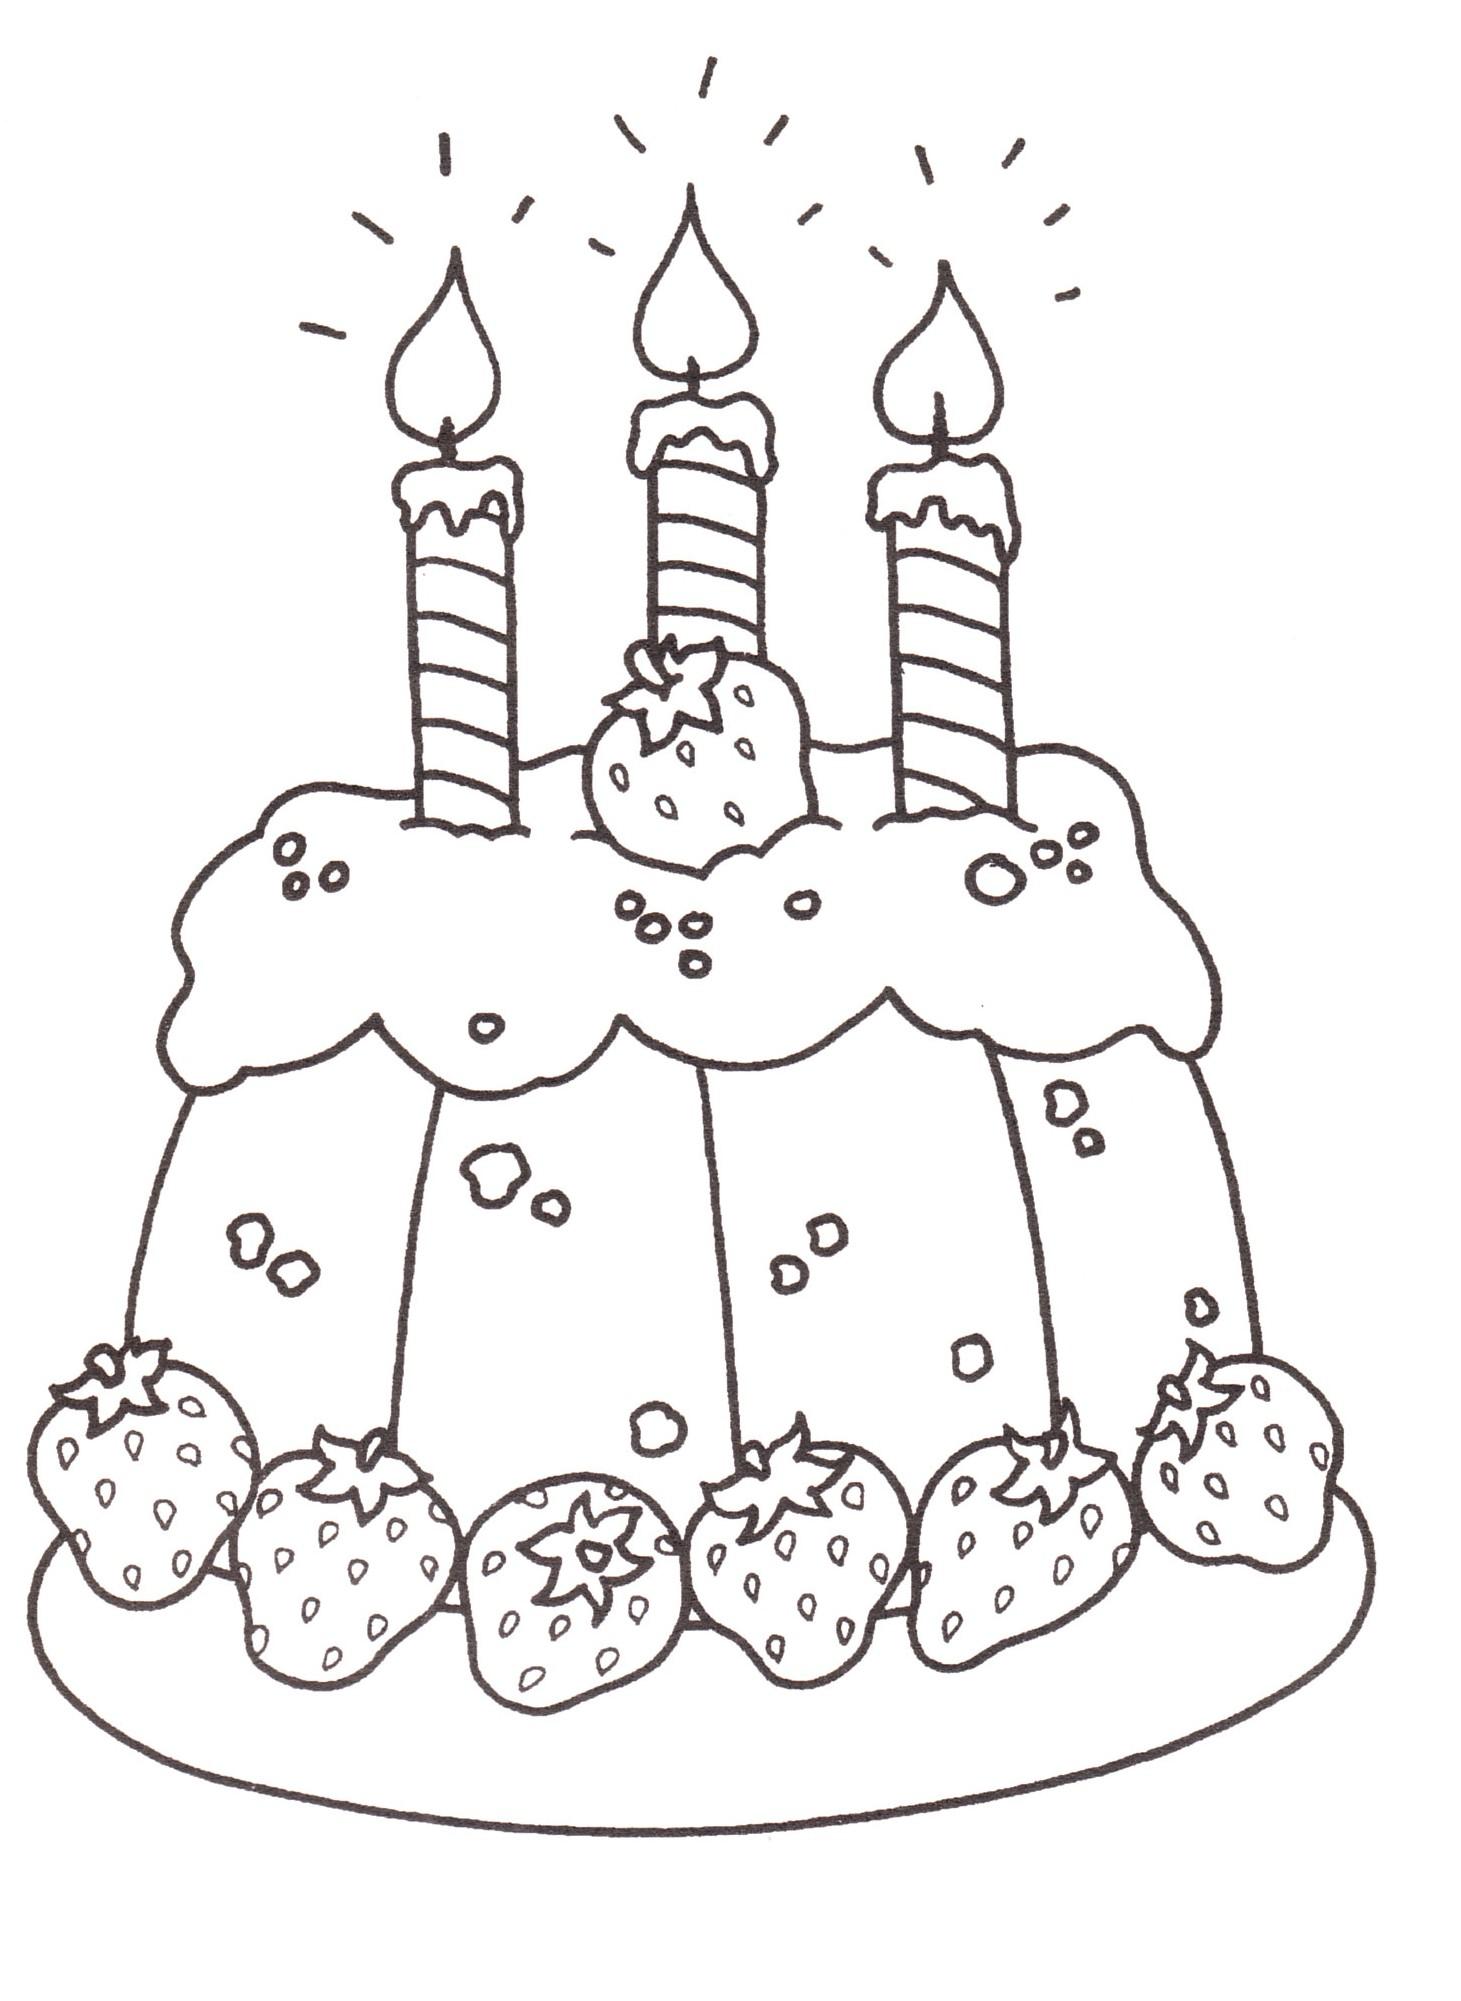 Disegni bambini stampare colorare torta compleanno - Disegni di casa da colorare per bambini ...